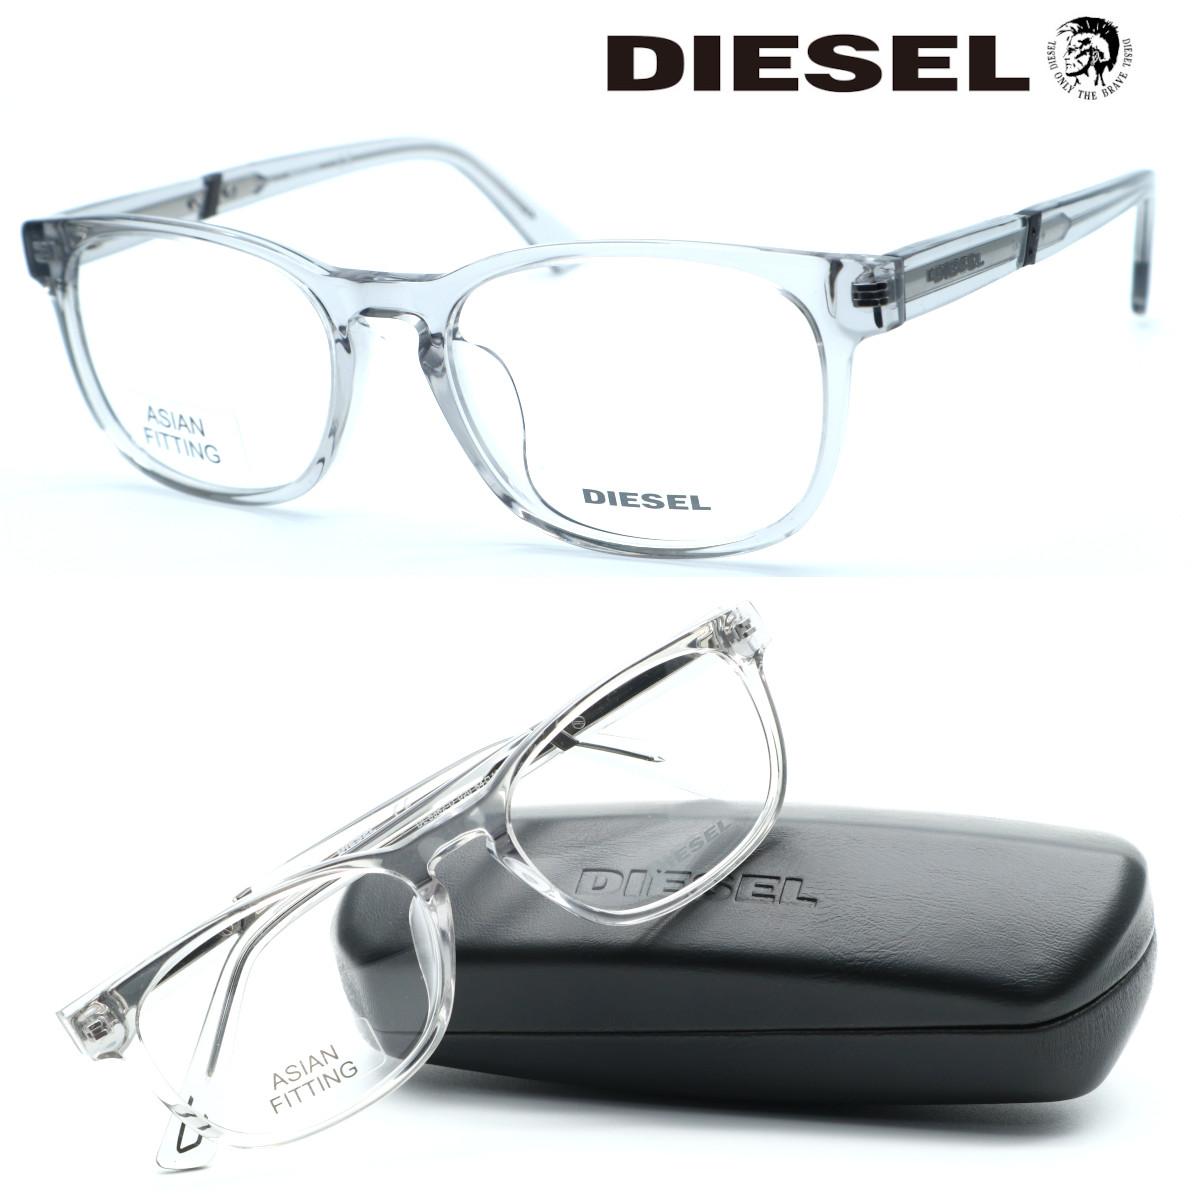 言わずと知れた ストリートブランドの王道 DIESEL マート ディーゼル 売り込み メガネ DL5362-D col.020 送料無料 正規代理店品 アジアンフィット ボストン クラシック 度付又は度無レンズ標準装備